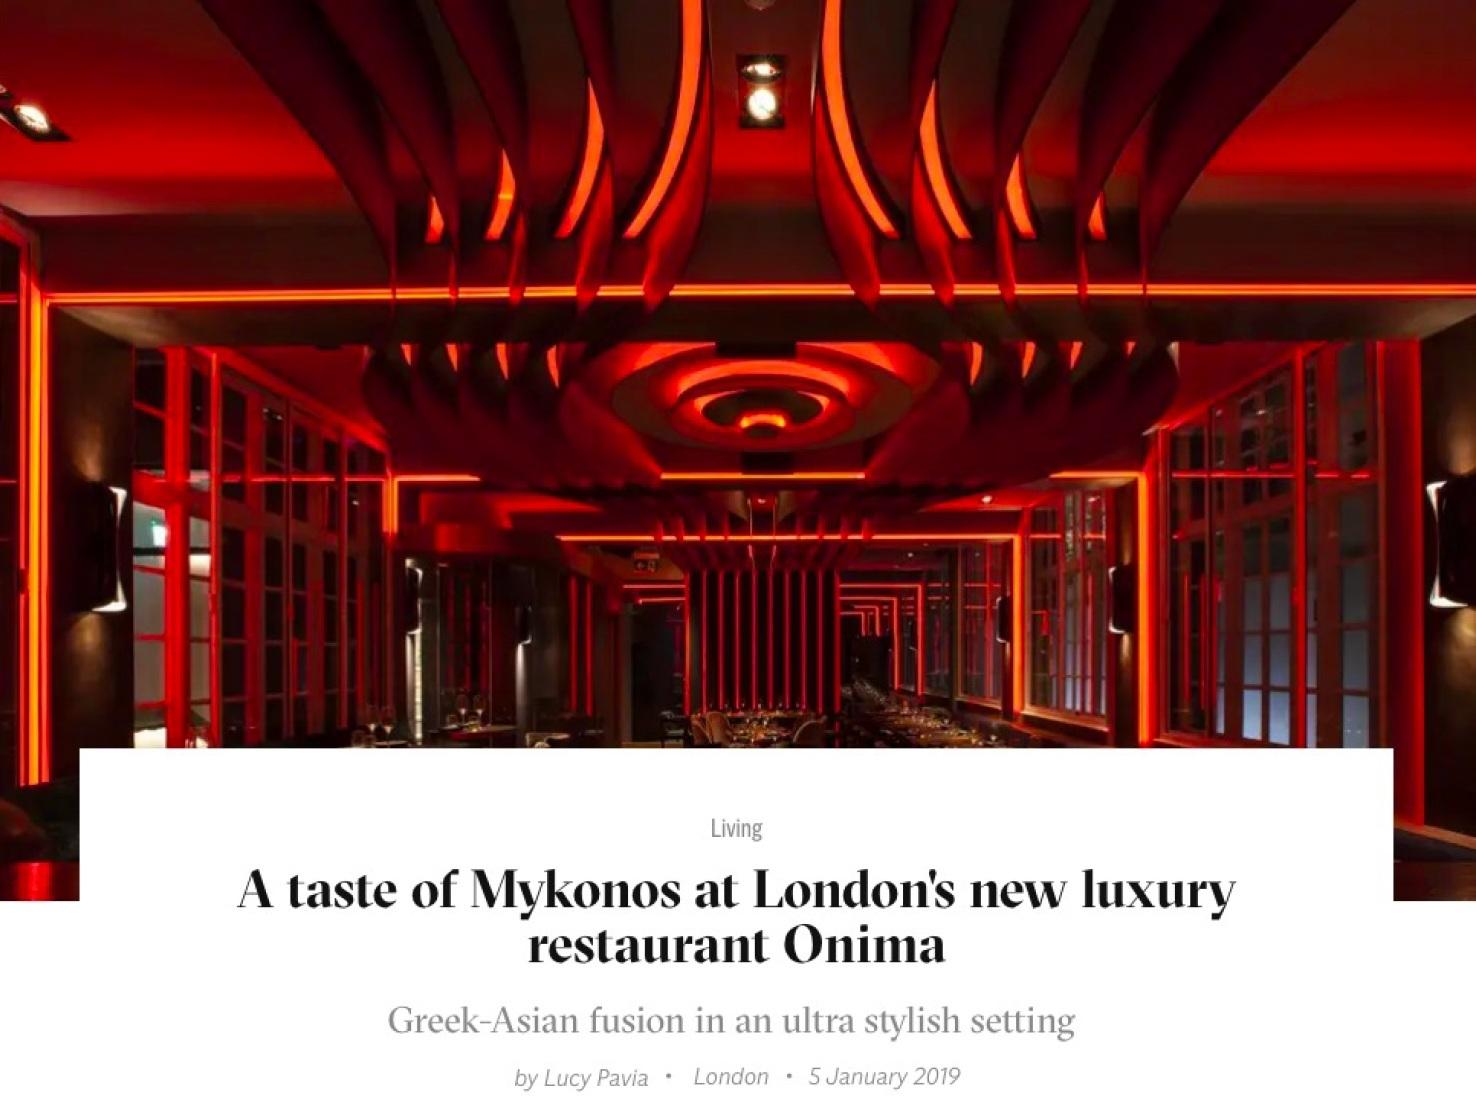 A+taste+of+Mykonos